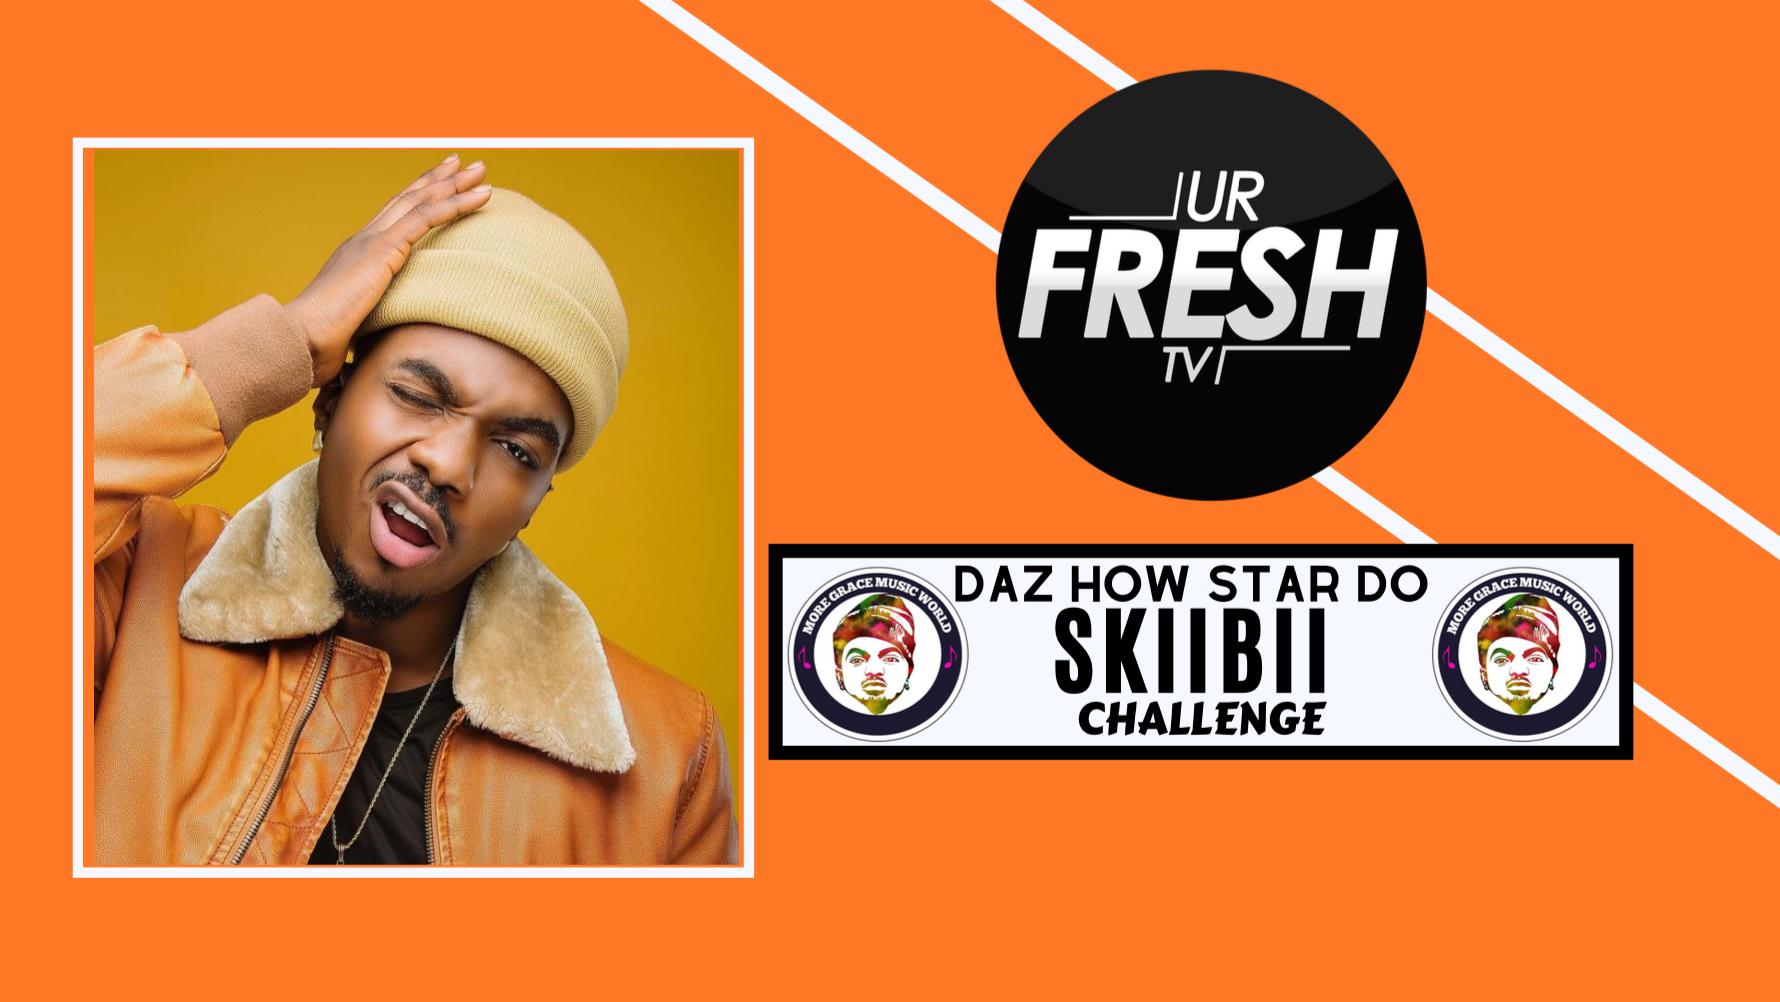 SkiiBii - Daz How Star Do - Challenge